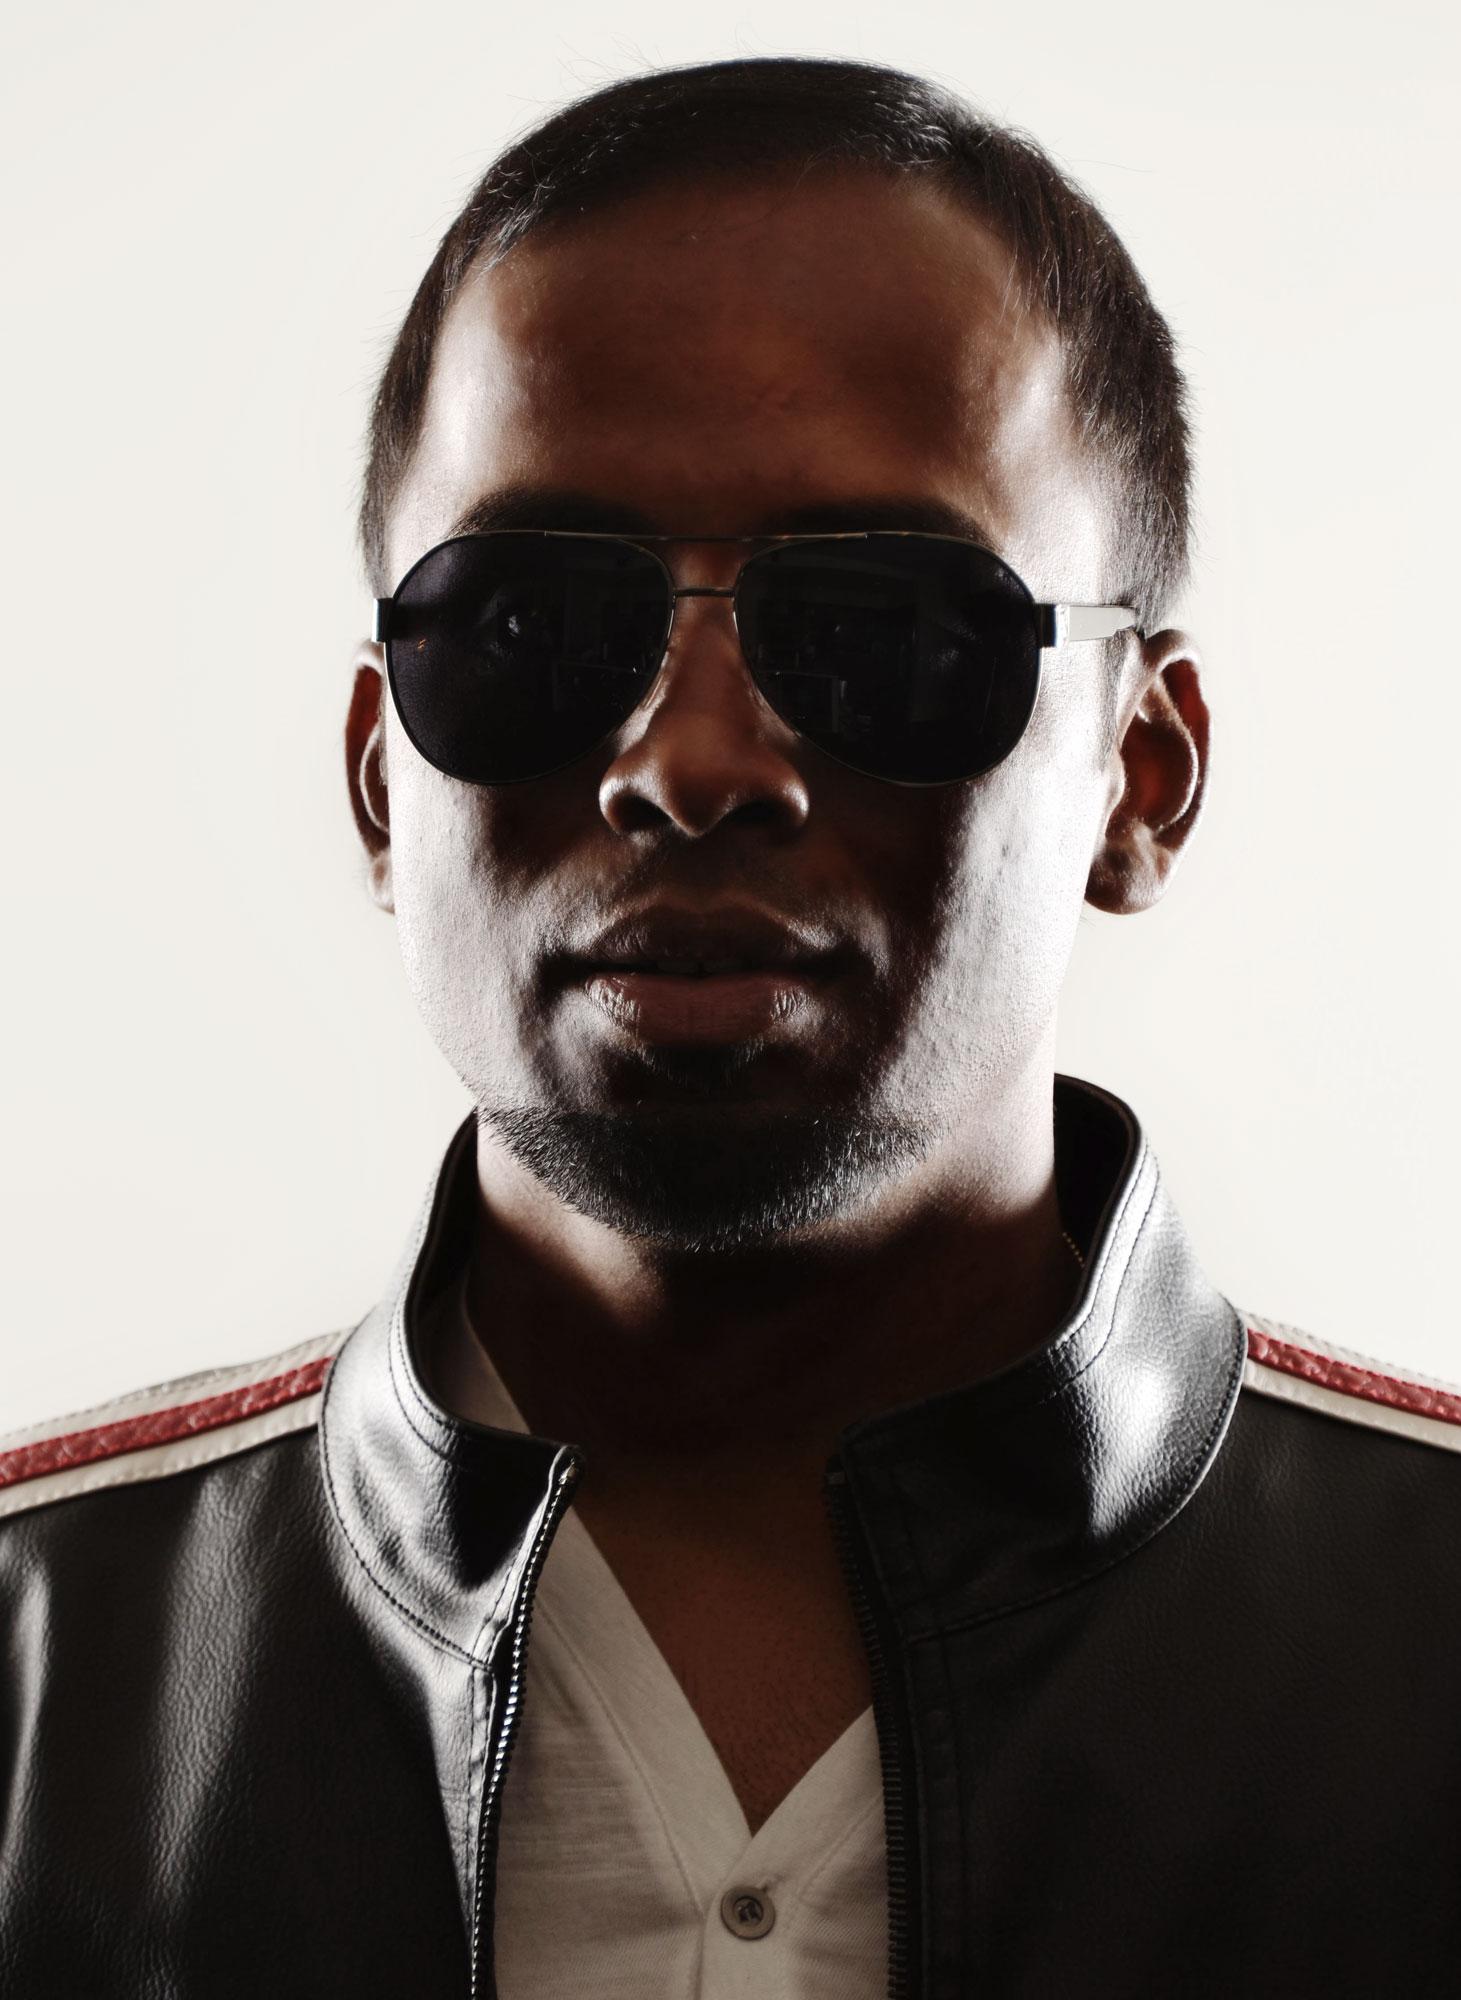 rapper style portrait